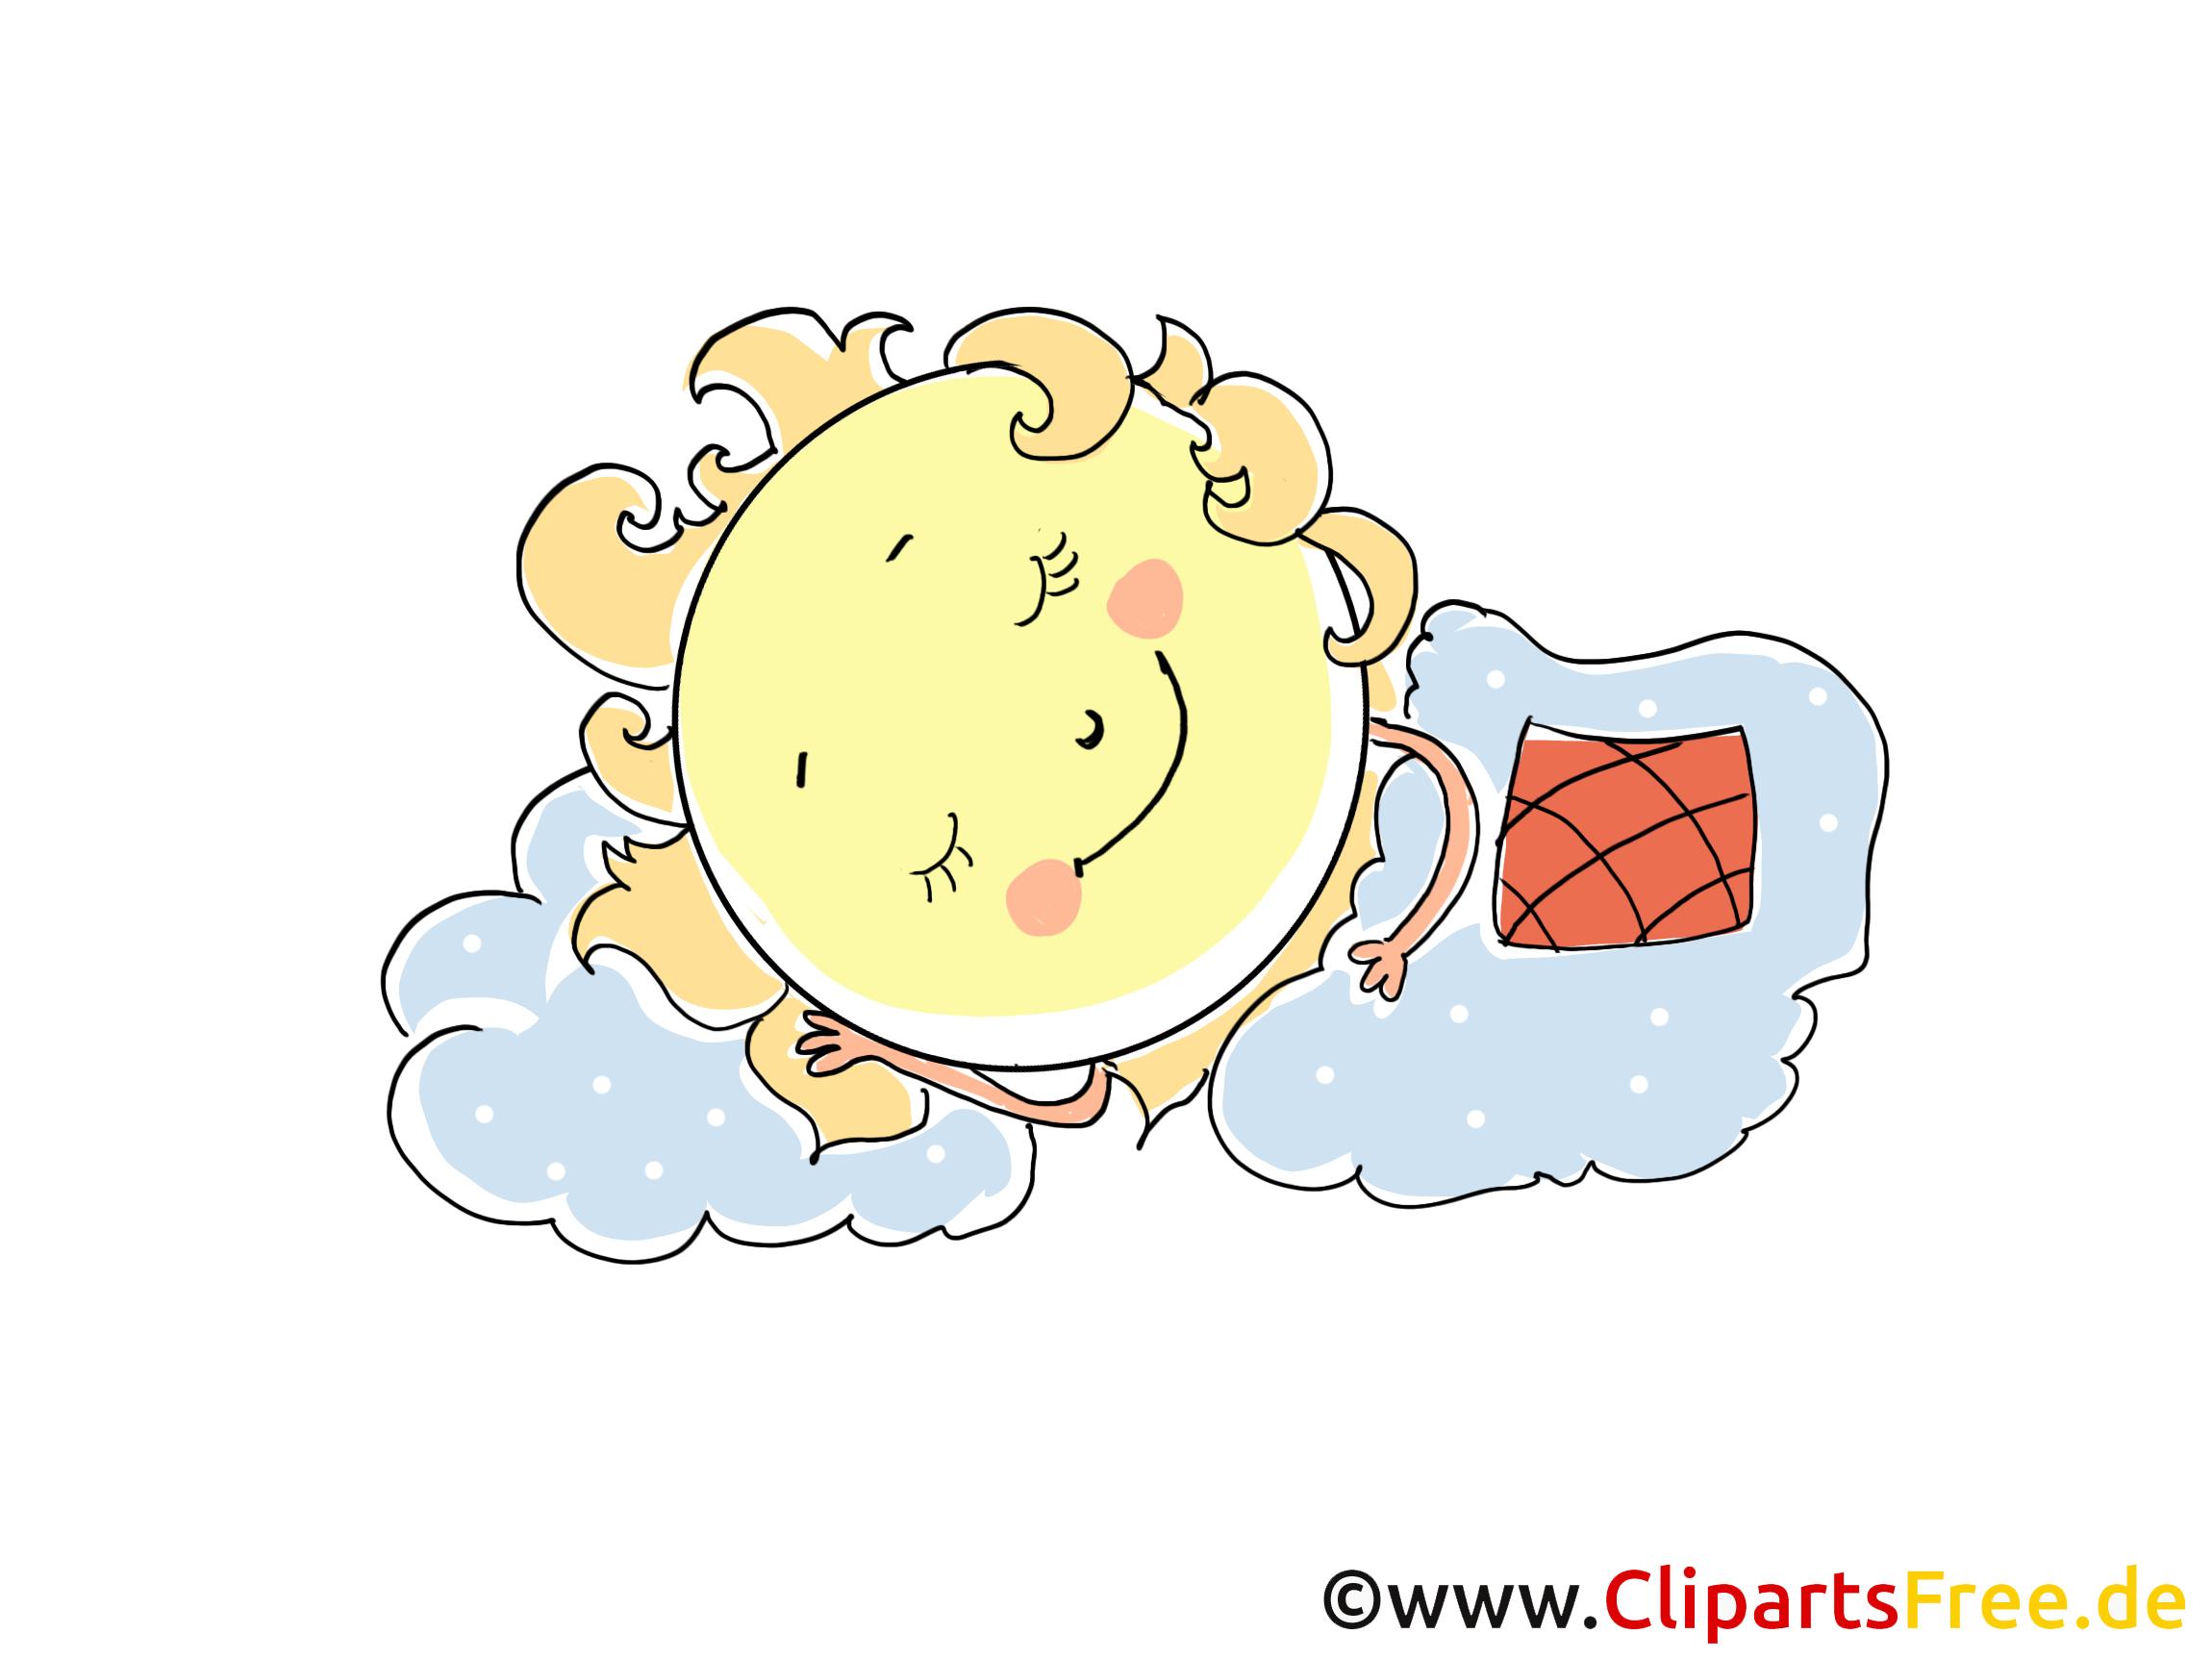 Célèbre Sommeil dessins gratuits - Soleil clipart gratuit - Temps images  LB45